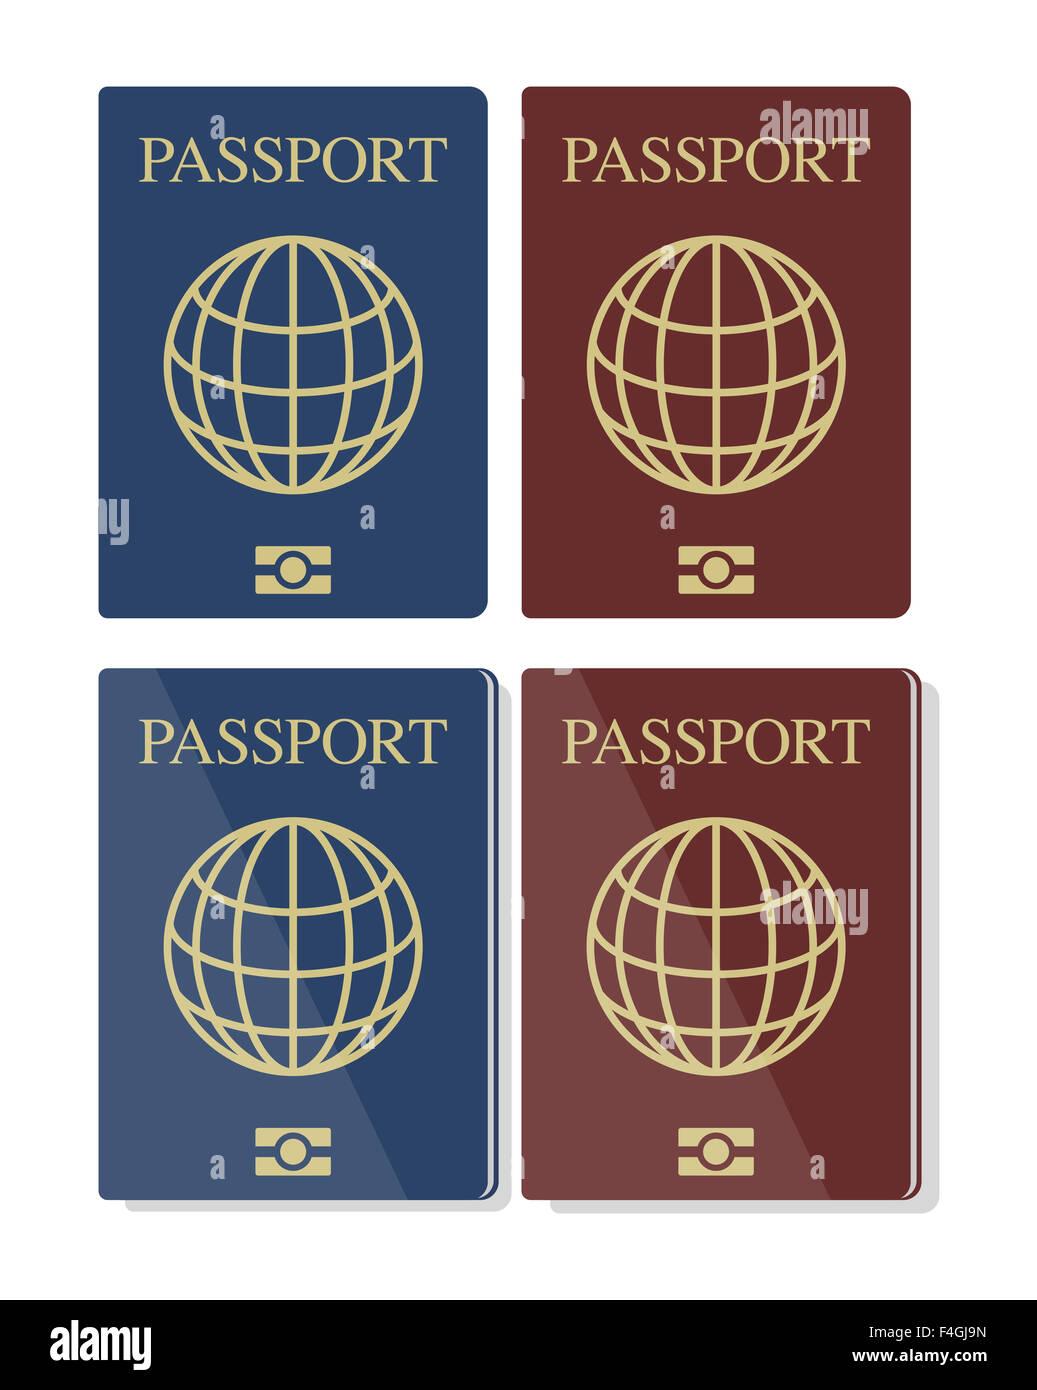 Conjunto de vectores del azul y el rojo de los pasaportes biométricos con Globe, eps10, aislado sobre fondo Imagen De Stock